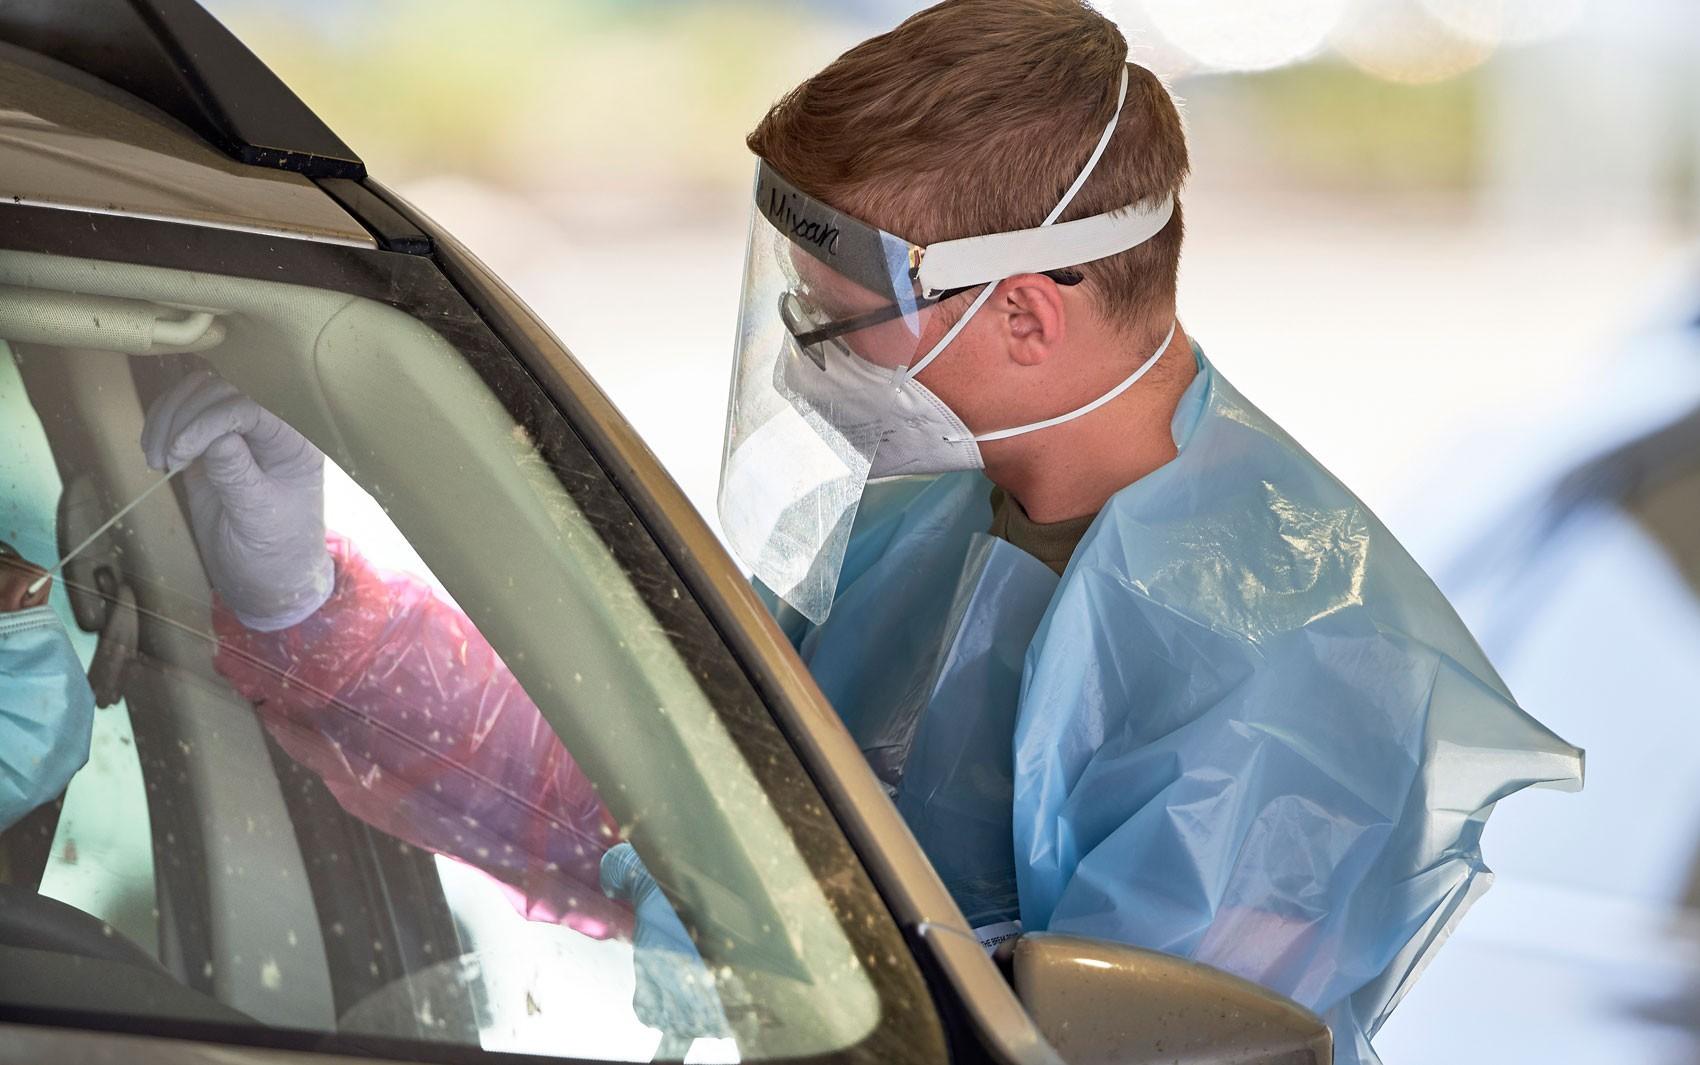 EUA registram novo recorde, com mais de 65,5 mil casos de Covid-19 em 24 horas